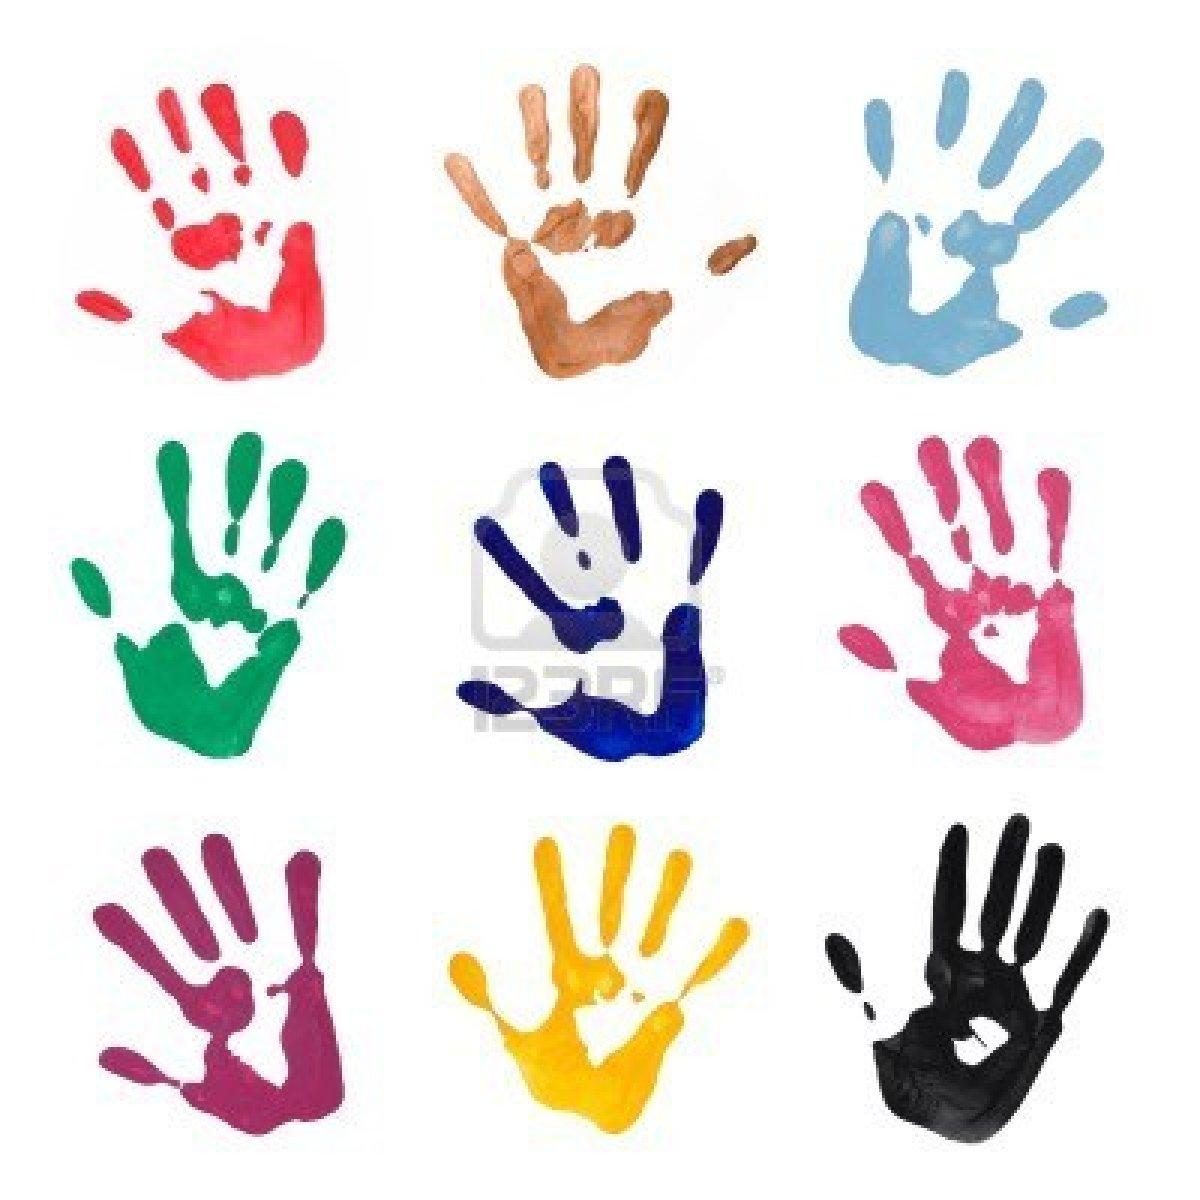 5116077 colorful mains de la main de peinture sur fond blanc ecole st joseph de ploubalay - Peinture main enfant ...